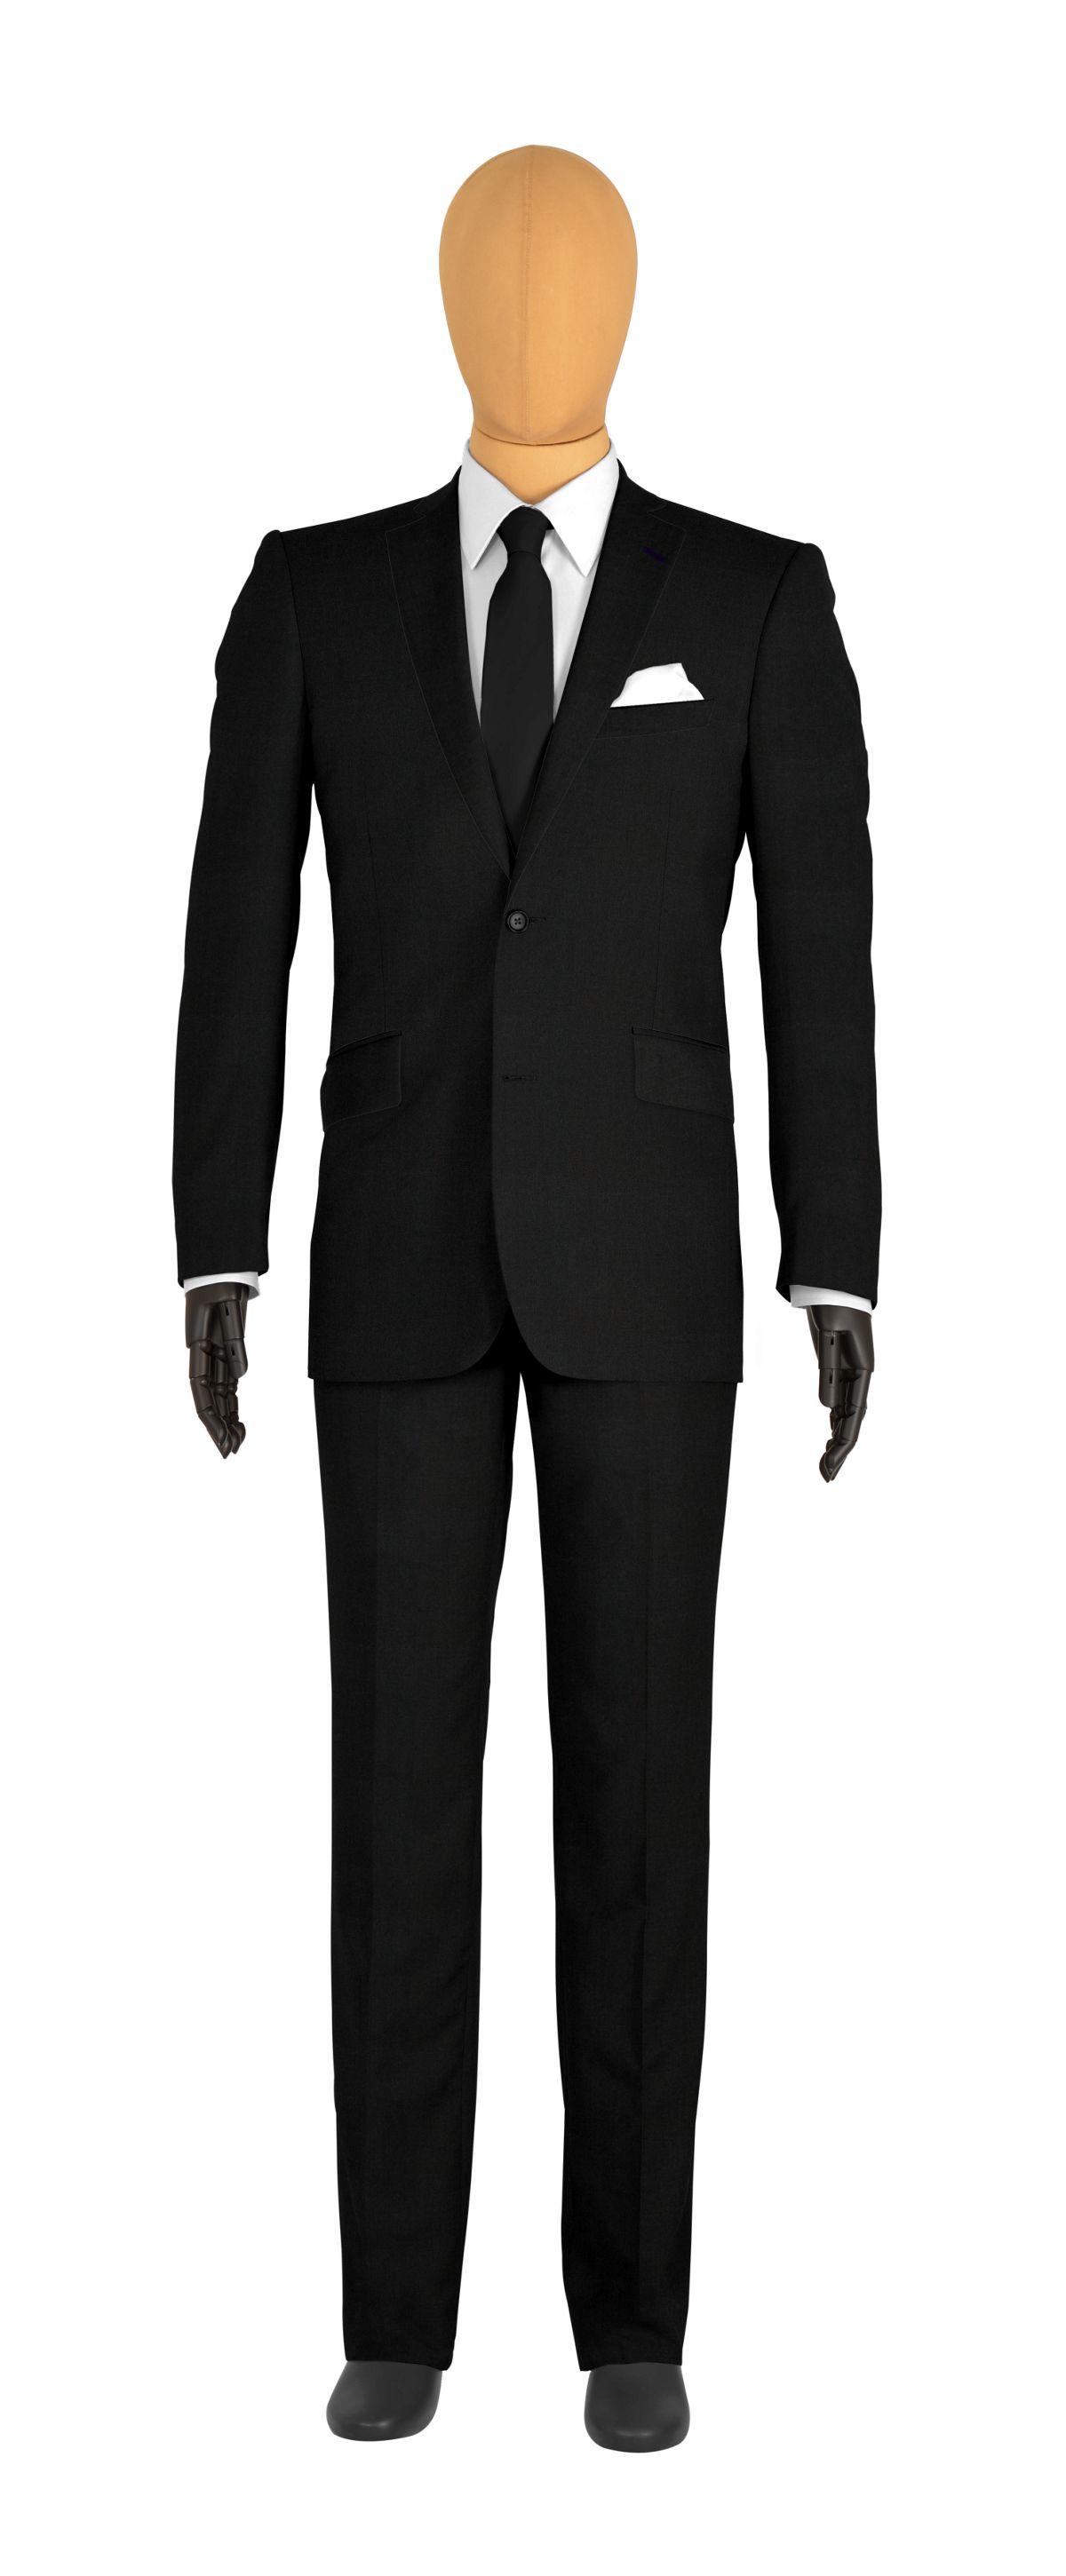 Costume veste 2 boutons noir uni